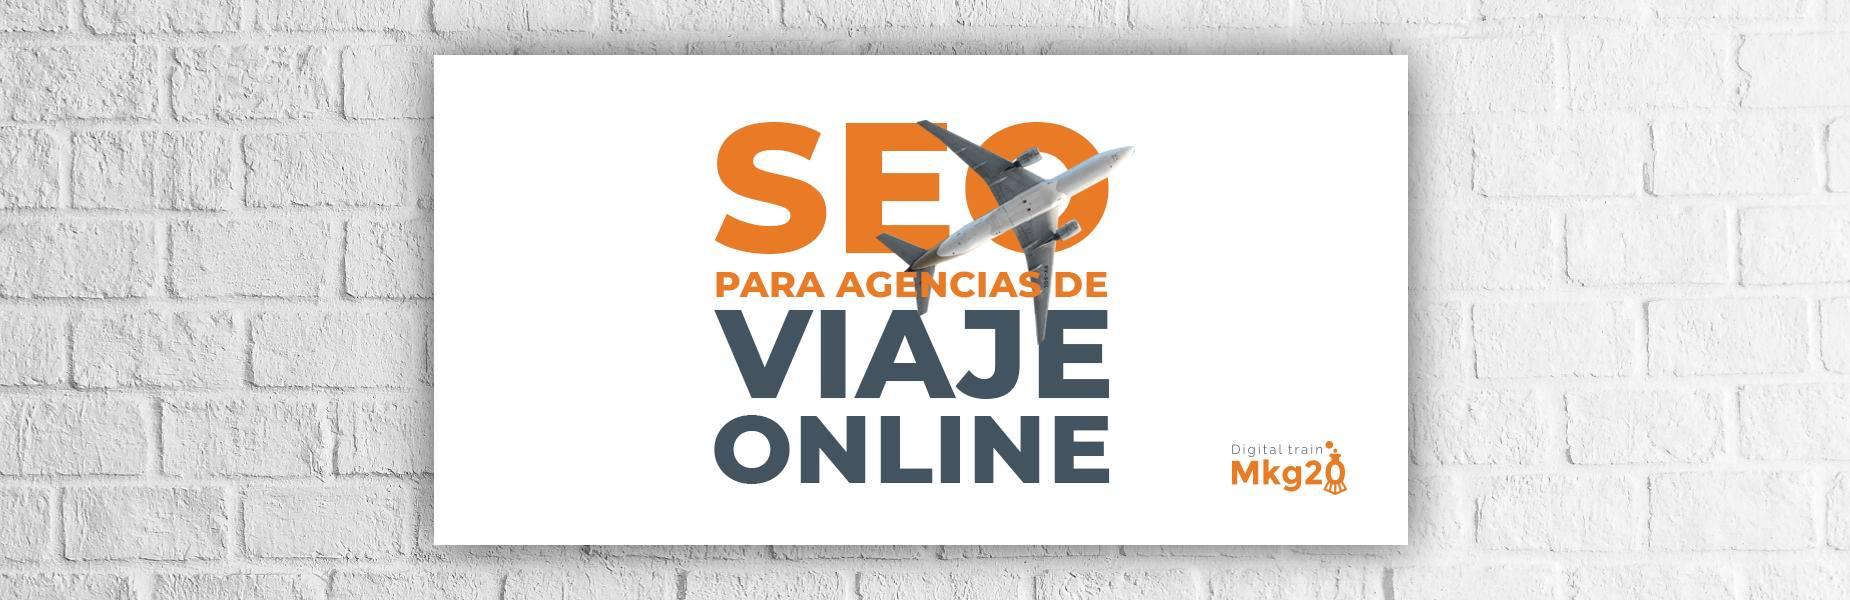 SEO para agencias de viajes online